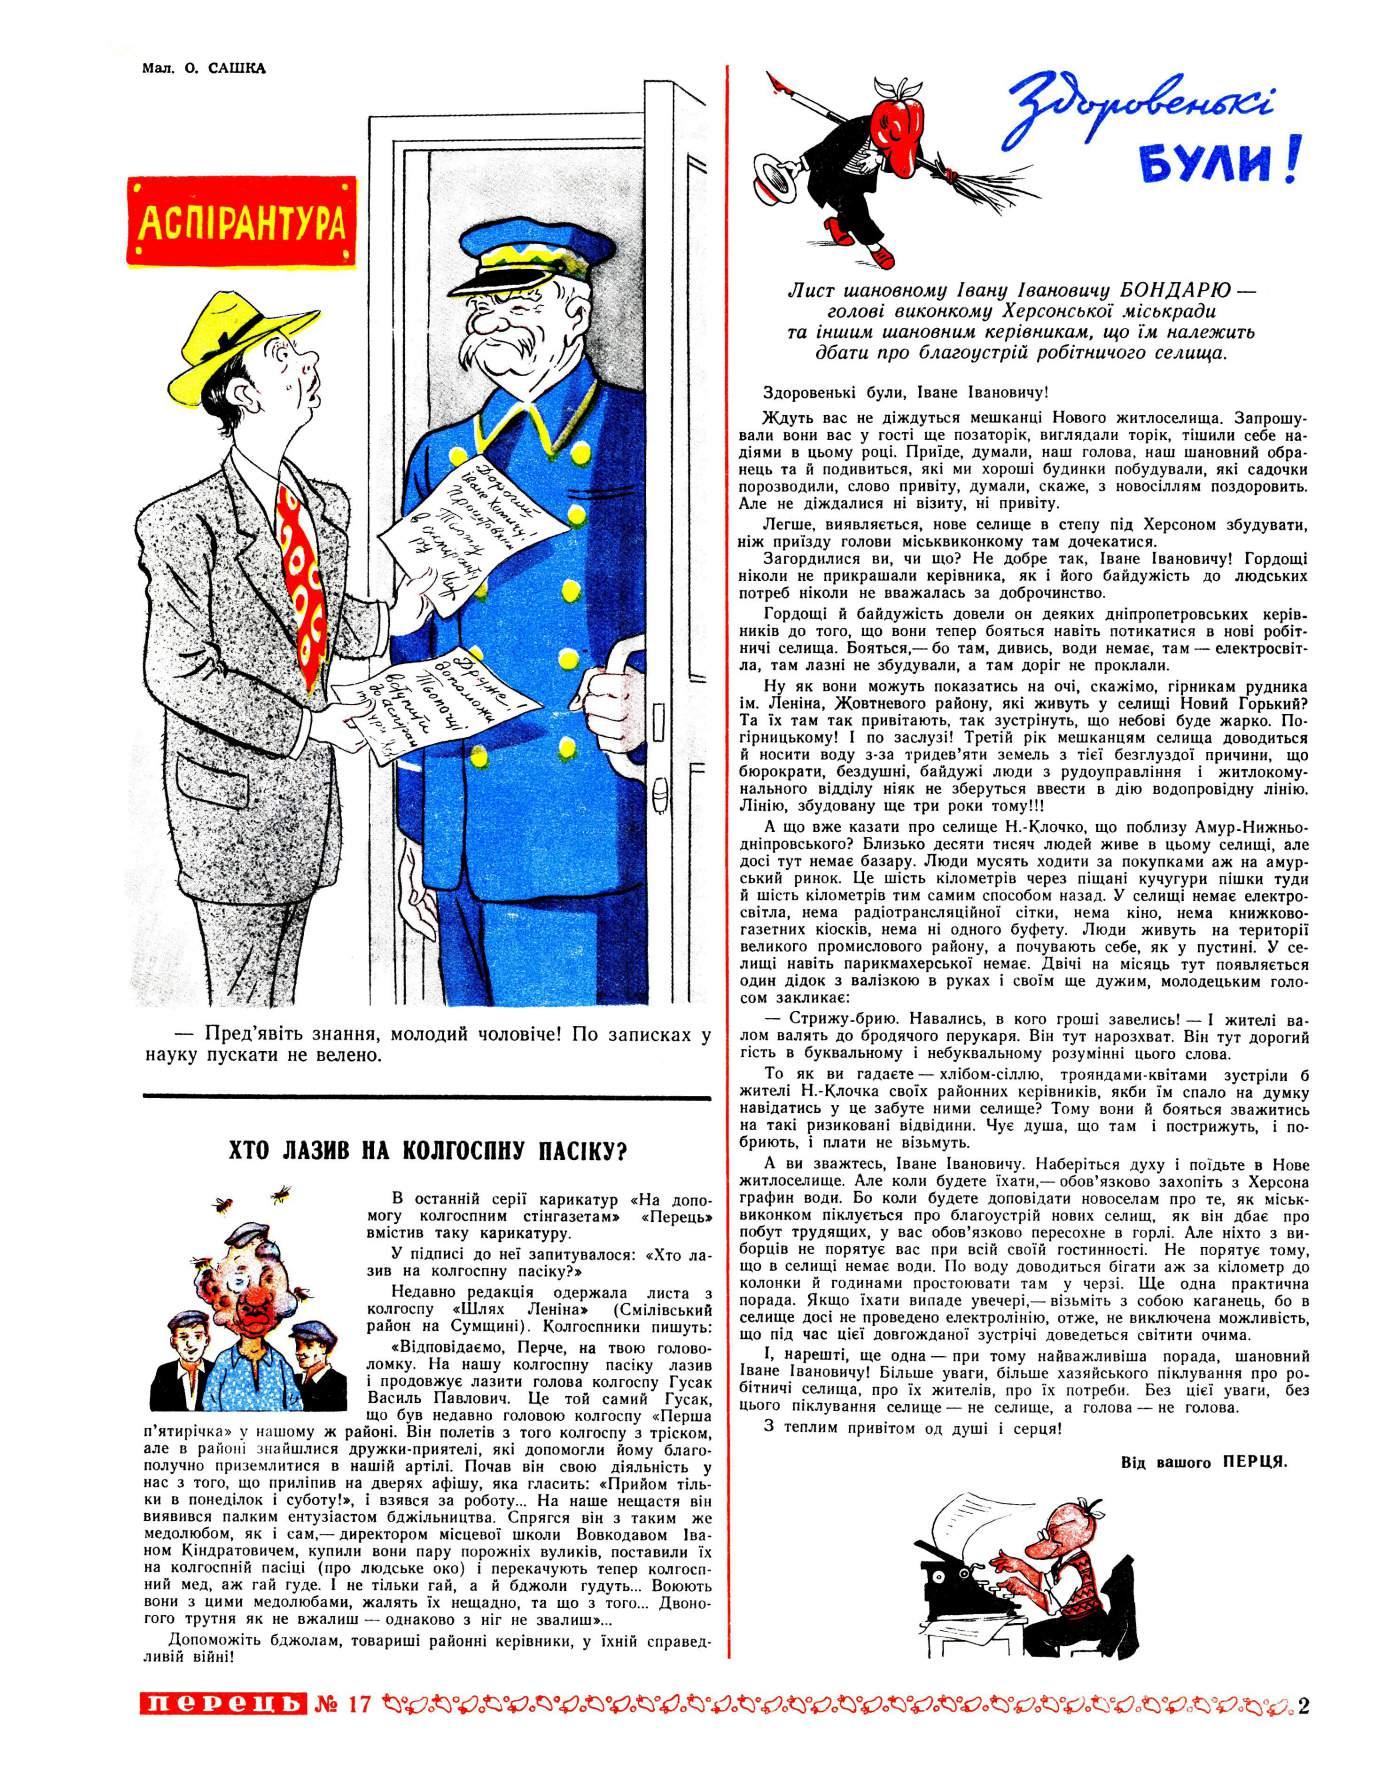 Журнал перець 1953 №17